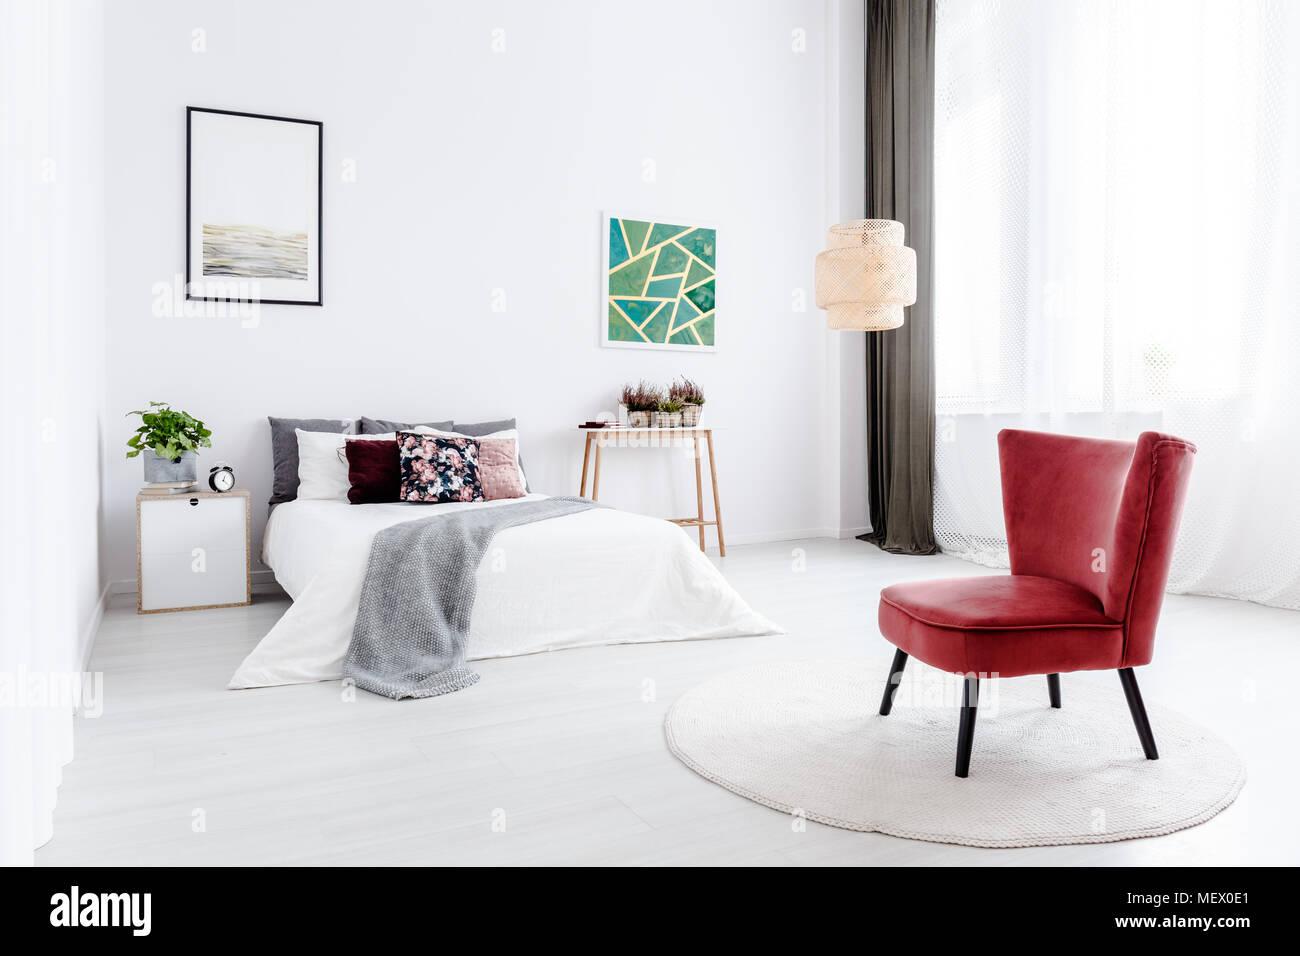 Rote Sessel Auf Runden Teppich In Weiß Schlafzimmer Innenraum Mit Grünem  Anstrich Und Poster An Der Wand